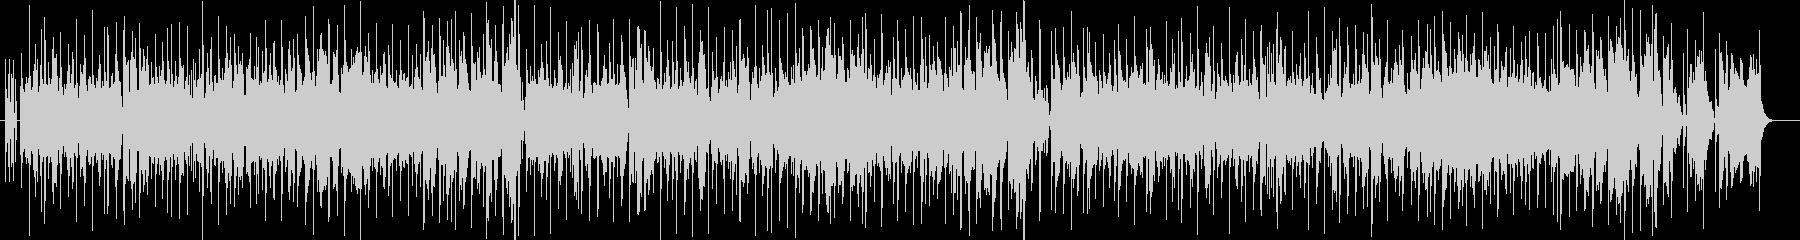 ファンキーなオルガンジャズヒップホップの未再生の波形